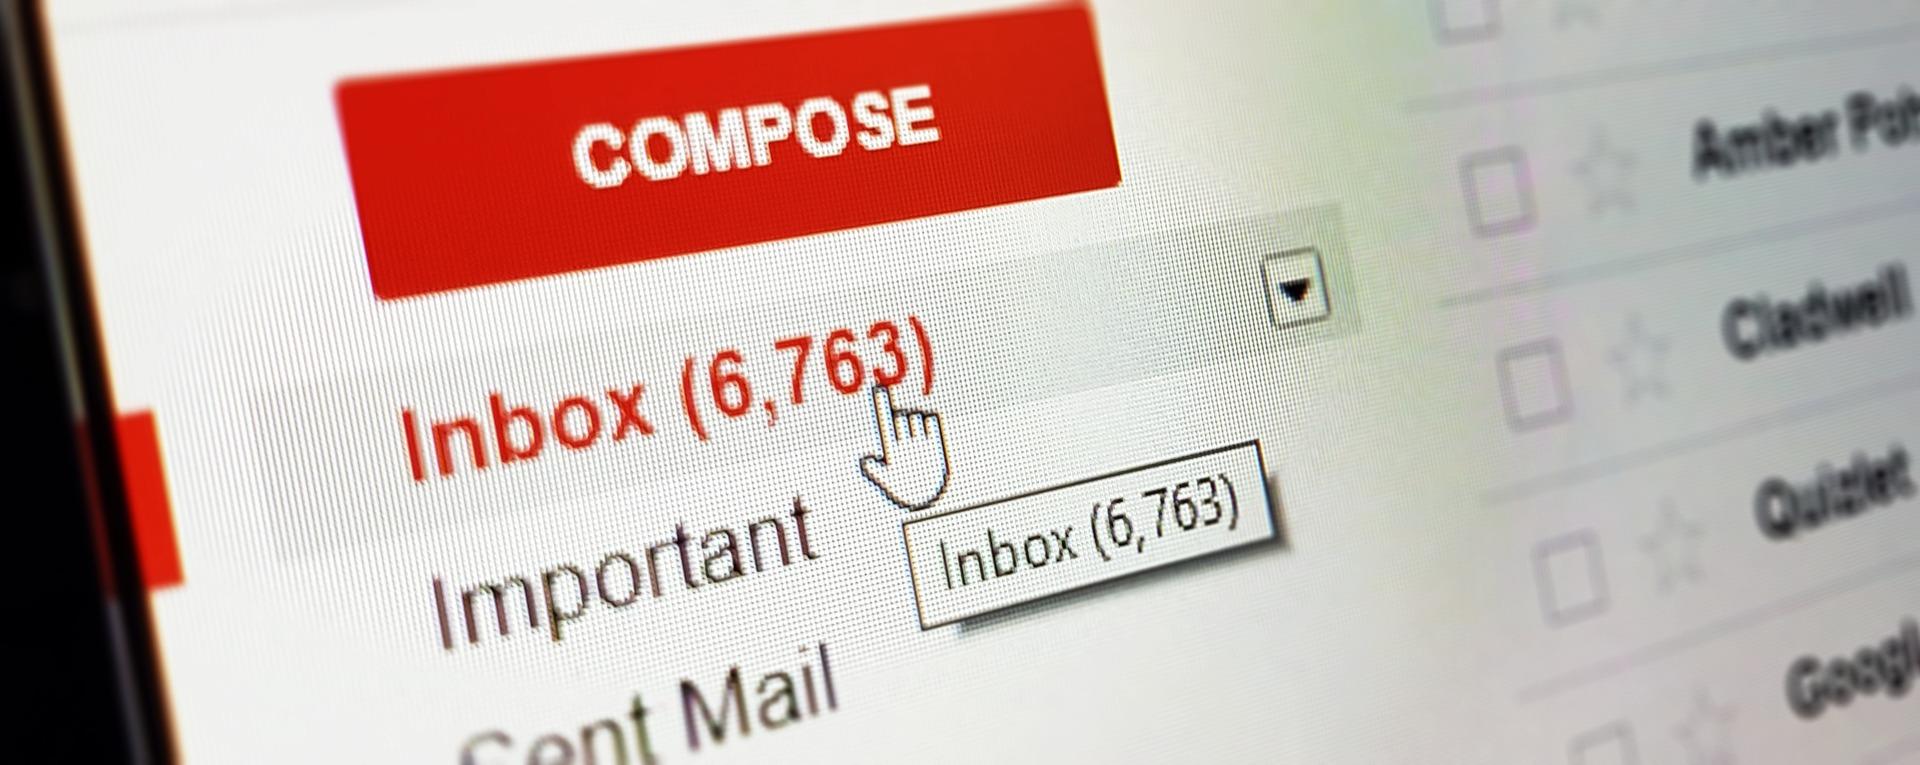 E-mail schrijven naar een groep? Voorkom frustraties en gebruik CC en BCC bij de juiste groep.